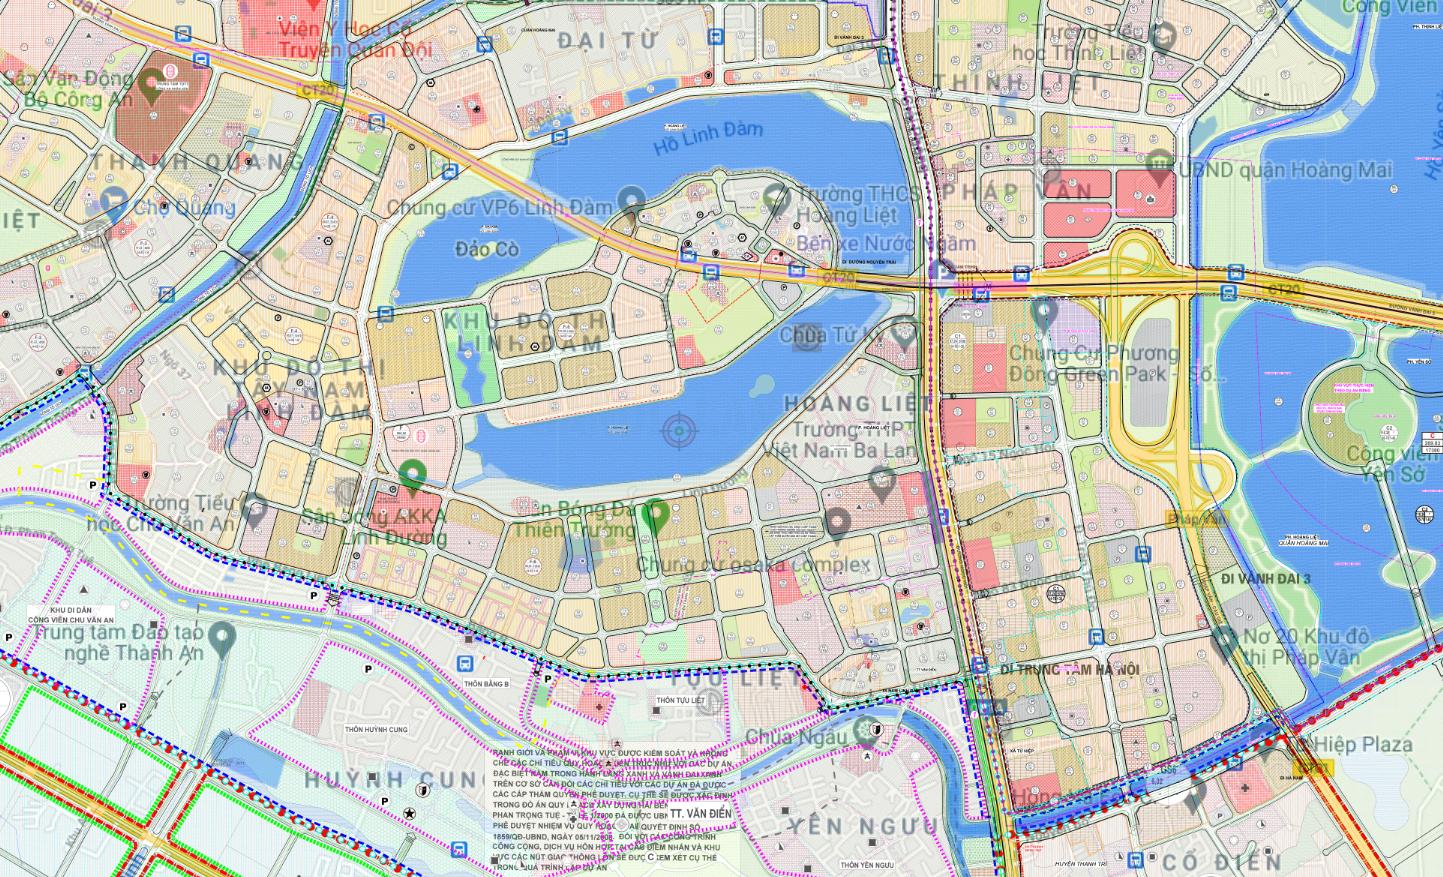 Bản đồ quy hoạch sử dụng đất phường Hoàng Liệt, Hoàng Mai, Hà Nội - Ảnh 2.